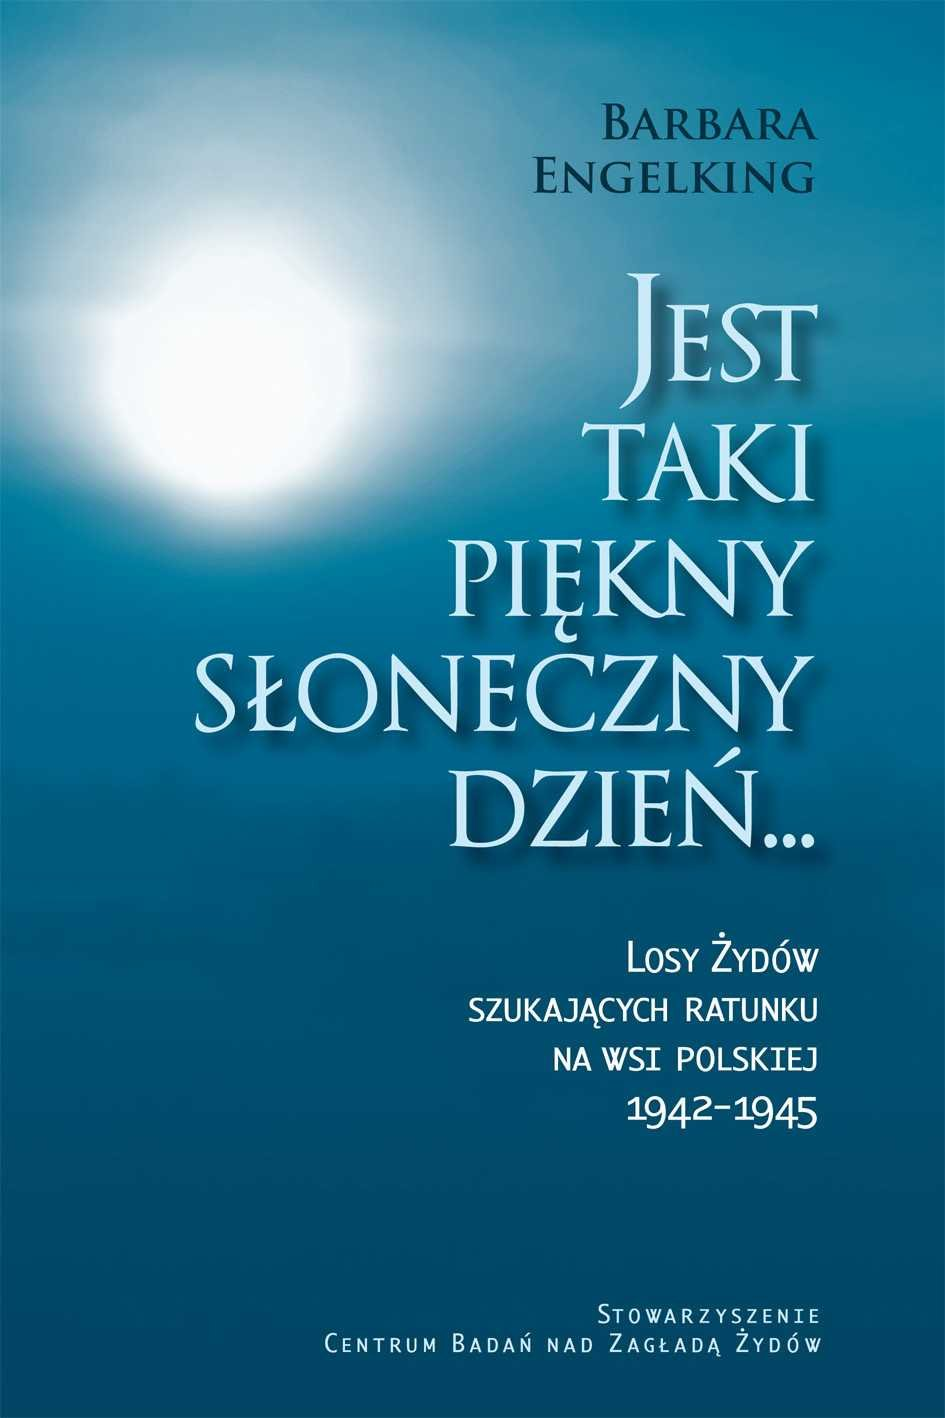 Jest taki piękny słoneczny dzień... Losy Żydów szukających ratunku na wsi polskiej 1942-1945 - Ebook (Książka EPUB) do pobrania w formacie EPUB